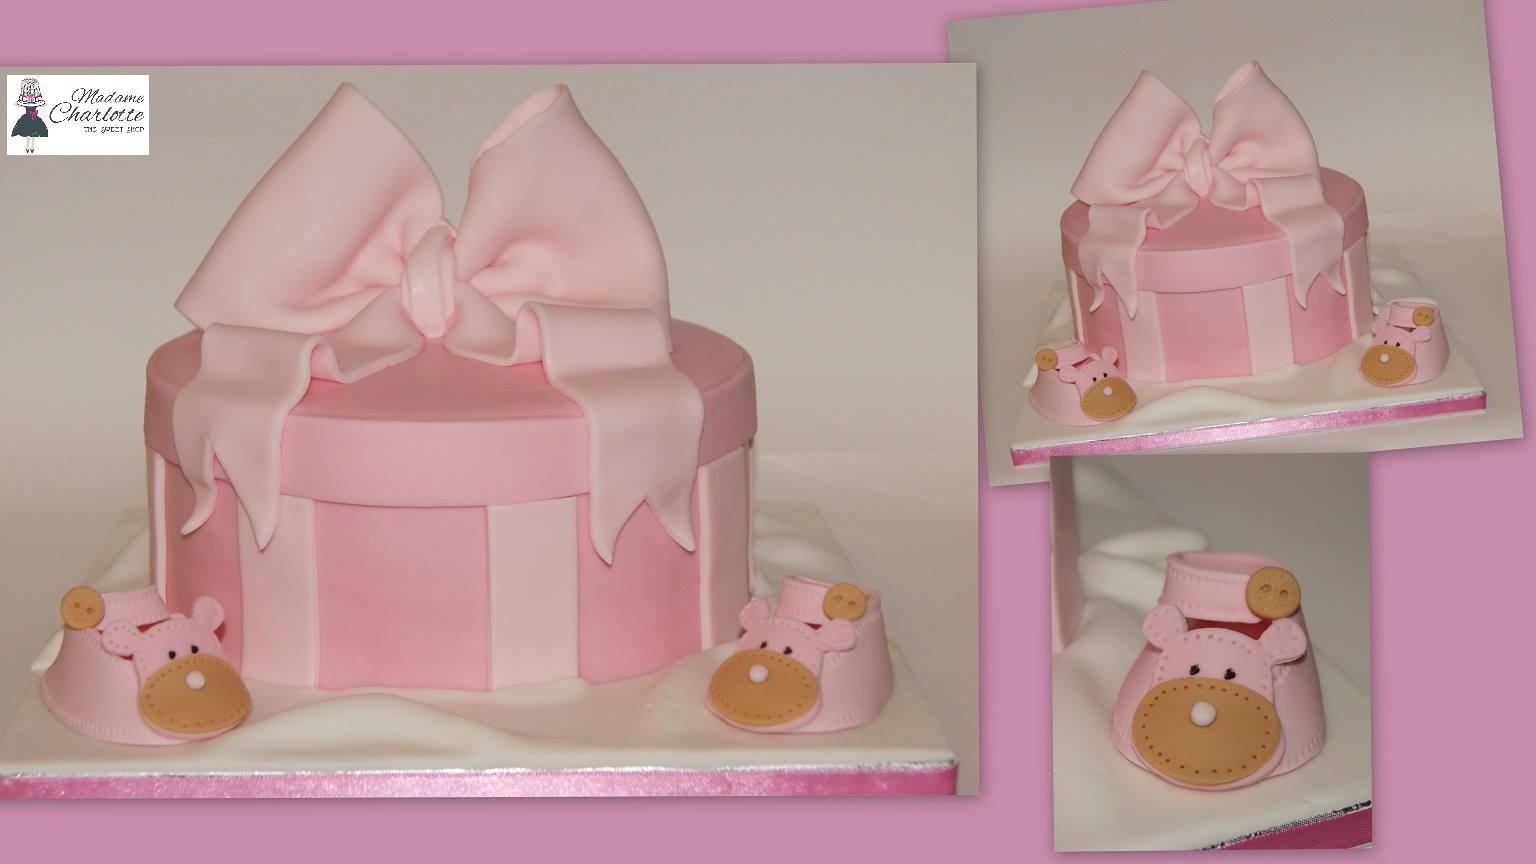 τούρτα από ζαχαρόπαστα baby shoes box, Ζαχαροπλαστείο καλαμάτα madamecharlotte.gr, τούρτες γεννεθλίων γάμου βάπτησης παιδικές θεματικές birthday theme party cake 2d 3d confectionery patisserie kalamata